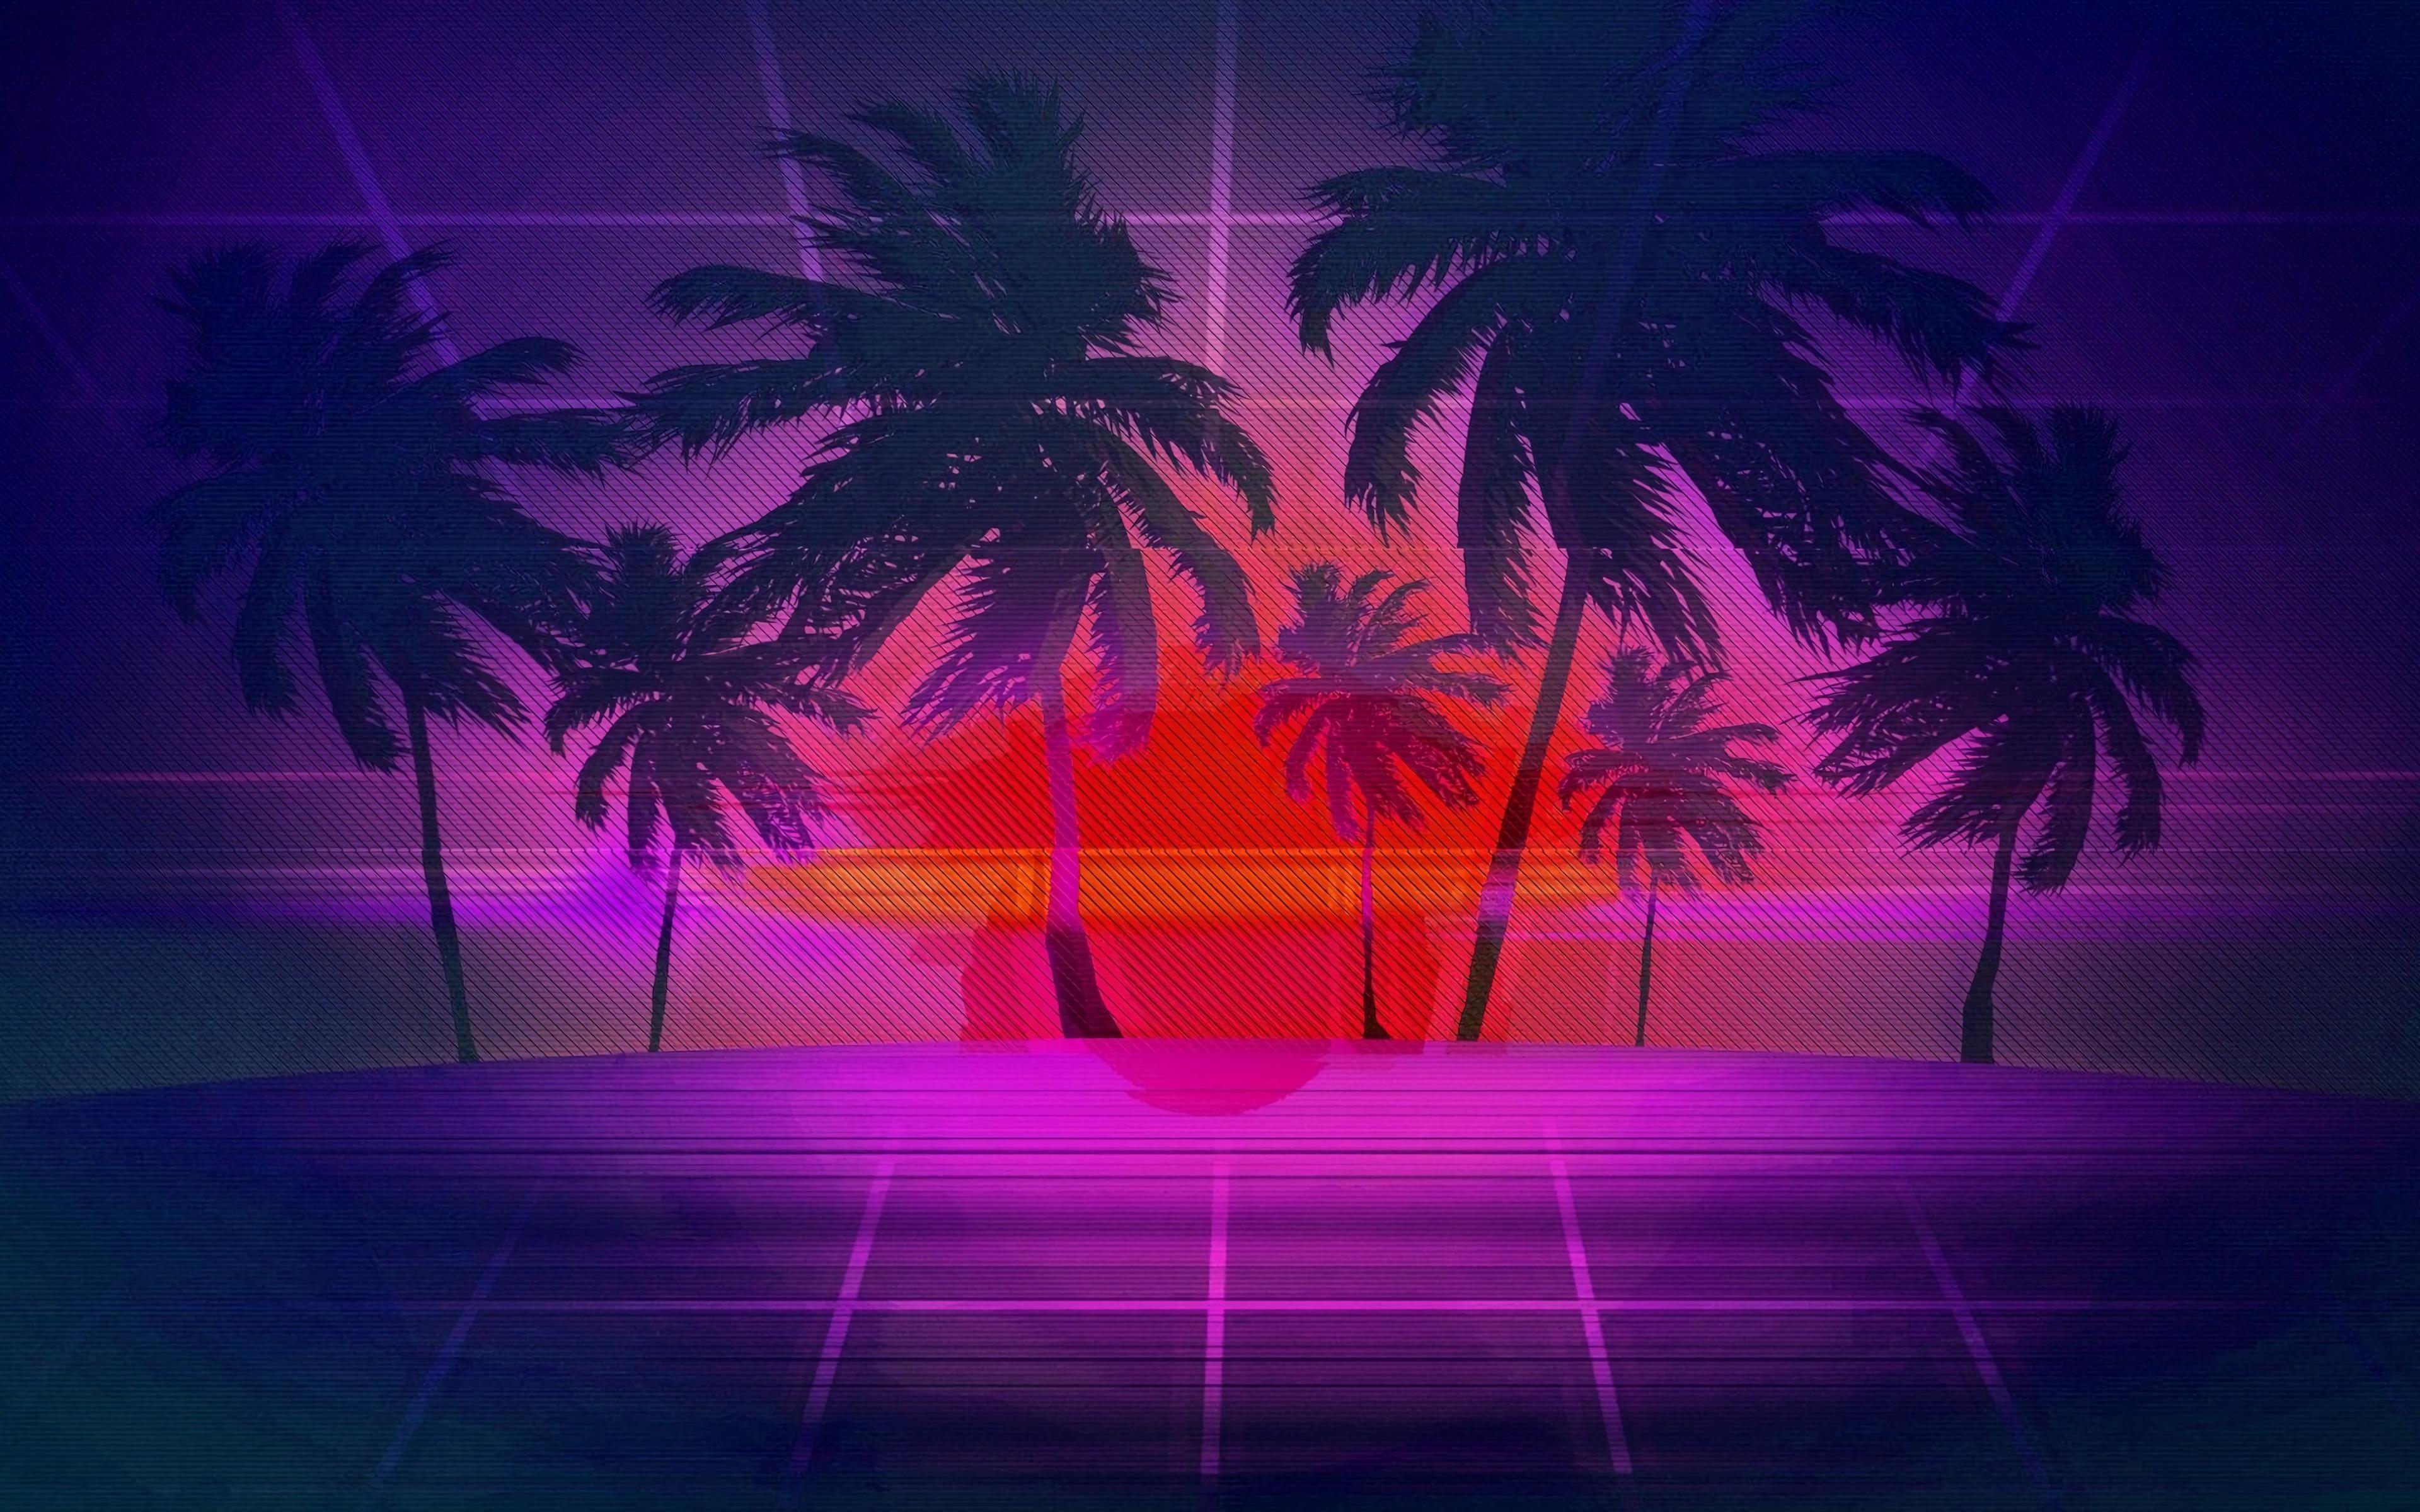 vaporwave-digital-art-4k-nl.jpg